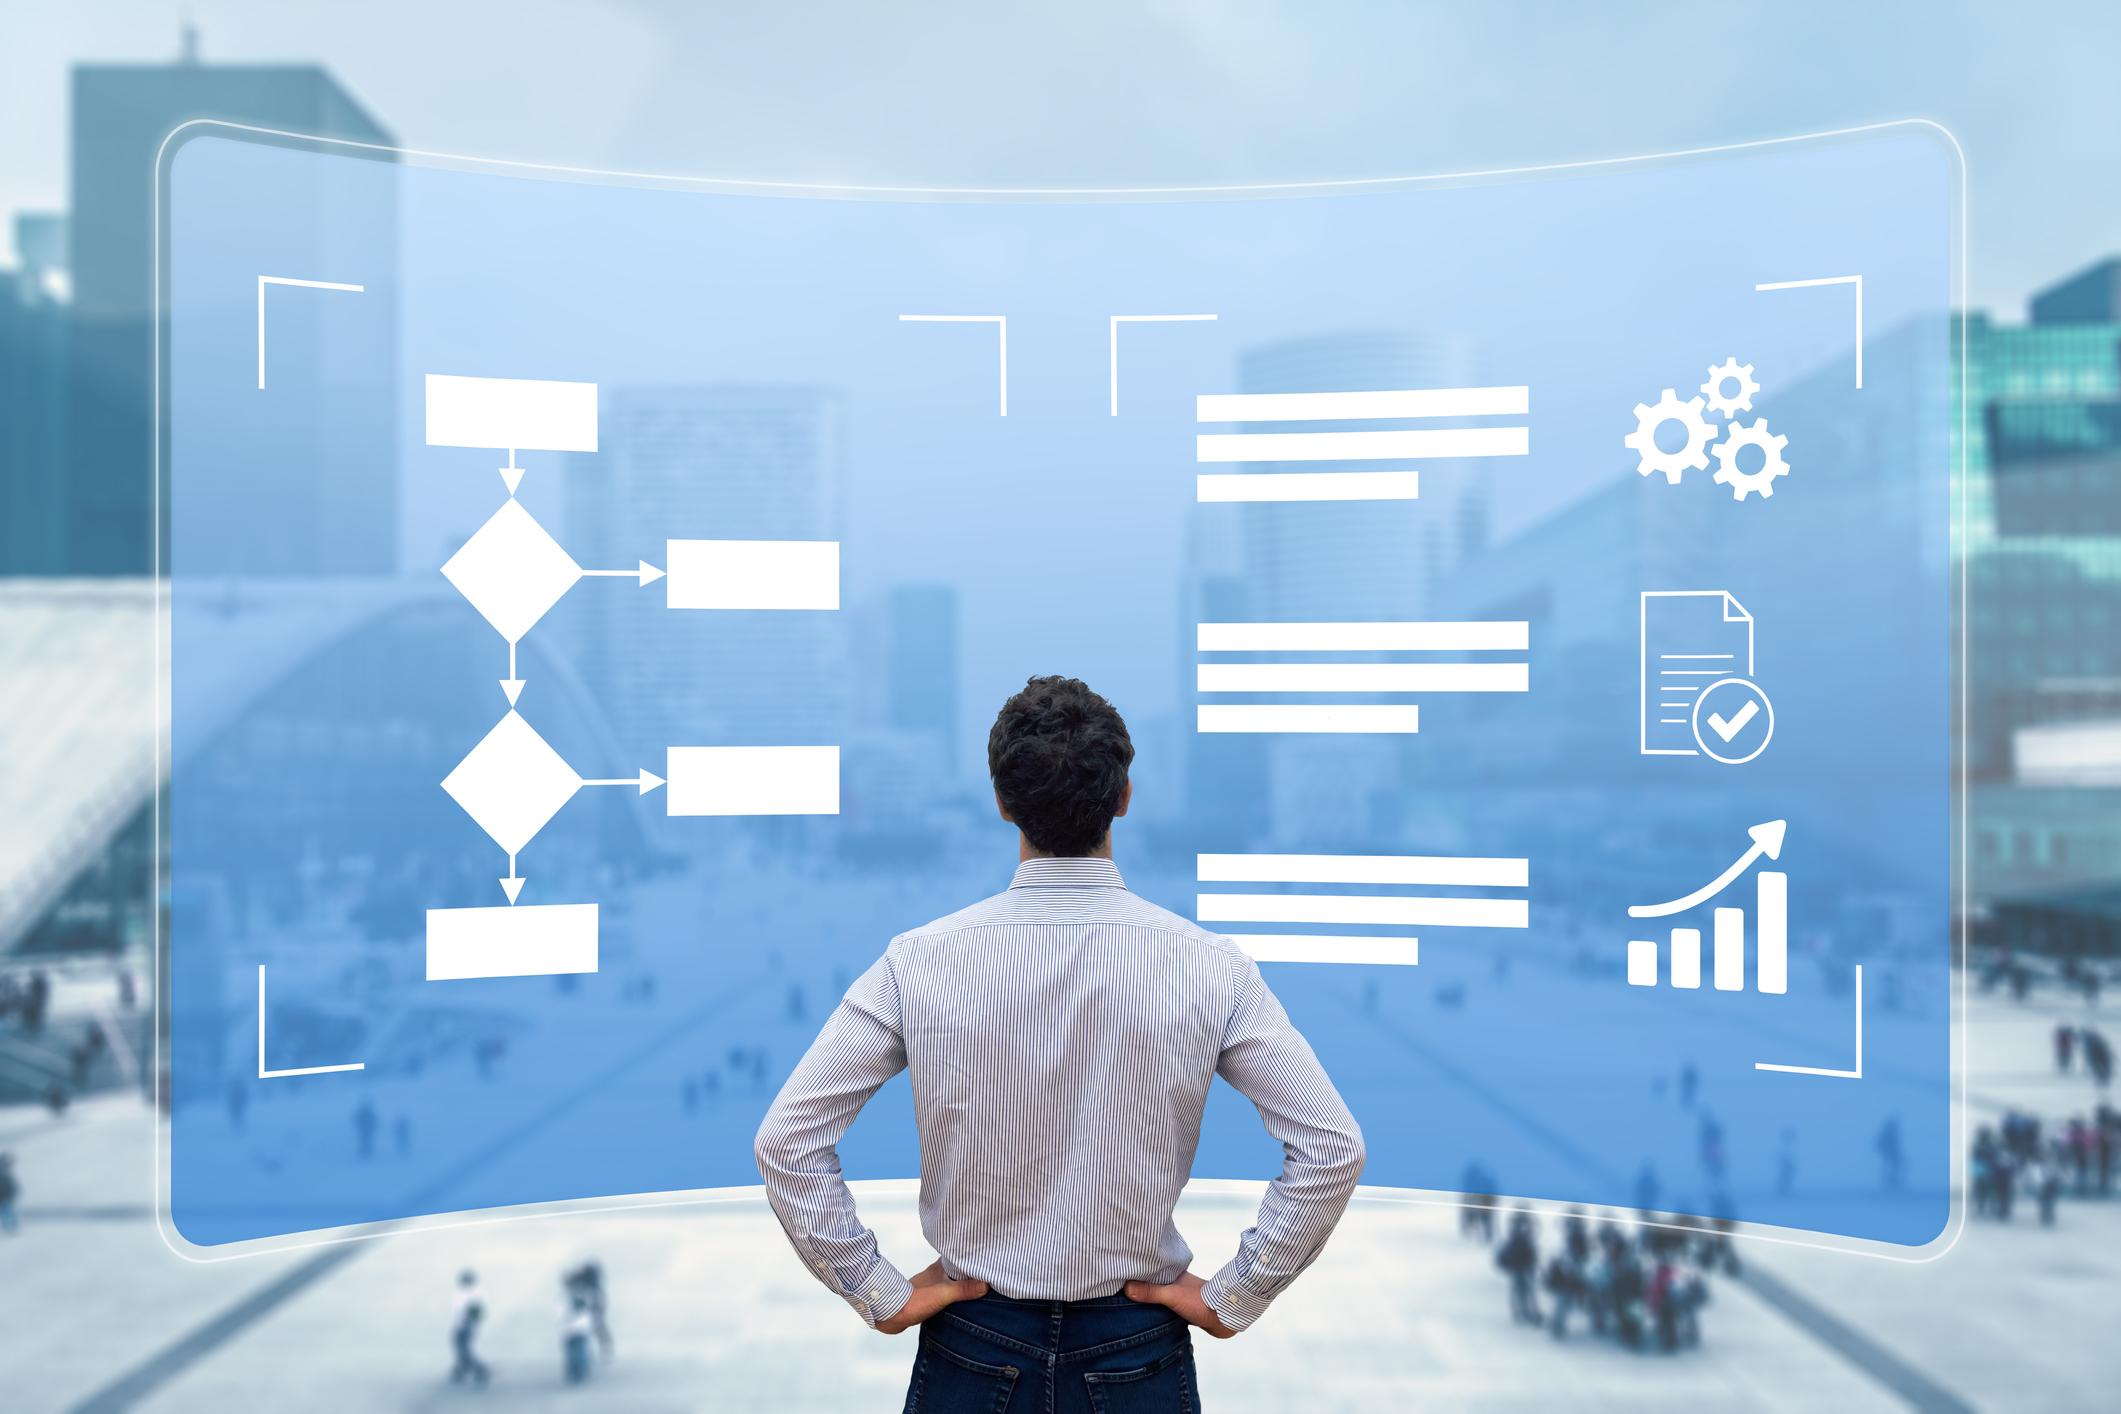 Verimliliği ve üretkenliği artırmak için akış şemalı iş süreci yönetimi. Robotik otomasyonu (RPA) uygulamak için bilgisayar ekranındaki iş akışını analiz eden yönetici